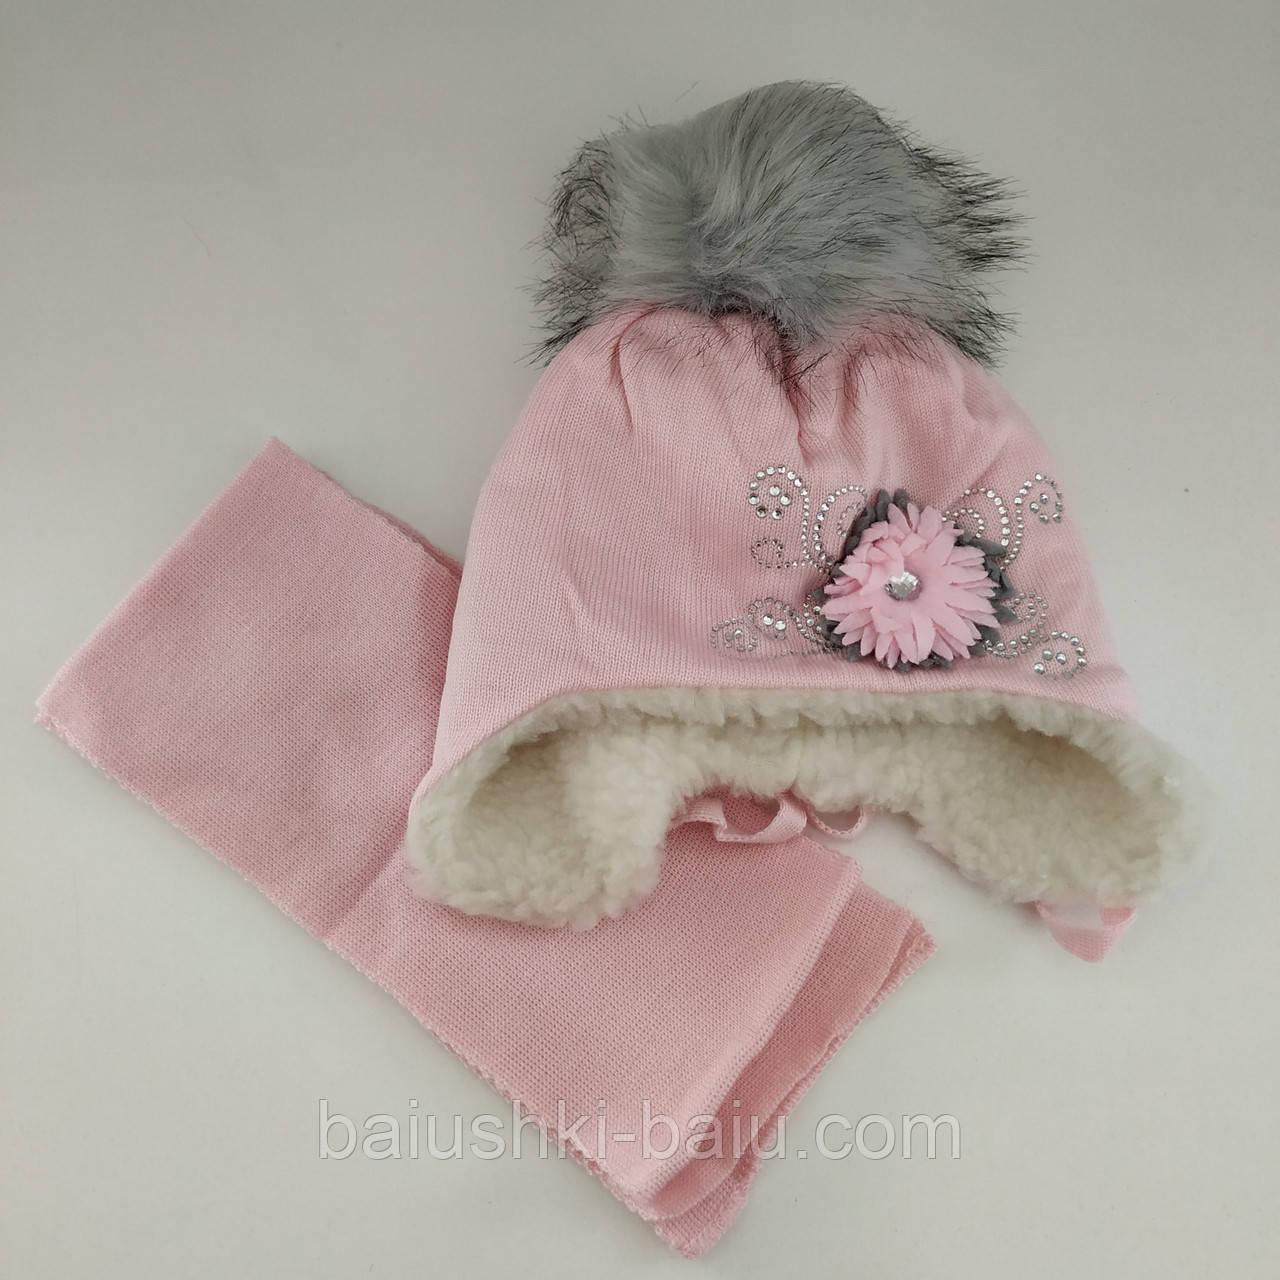 Детская зимняя шапка на завязках и шарф для девочки (мех), р. 44-48 см/6-18 мес.